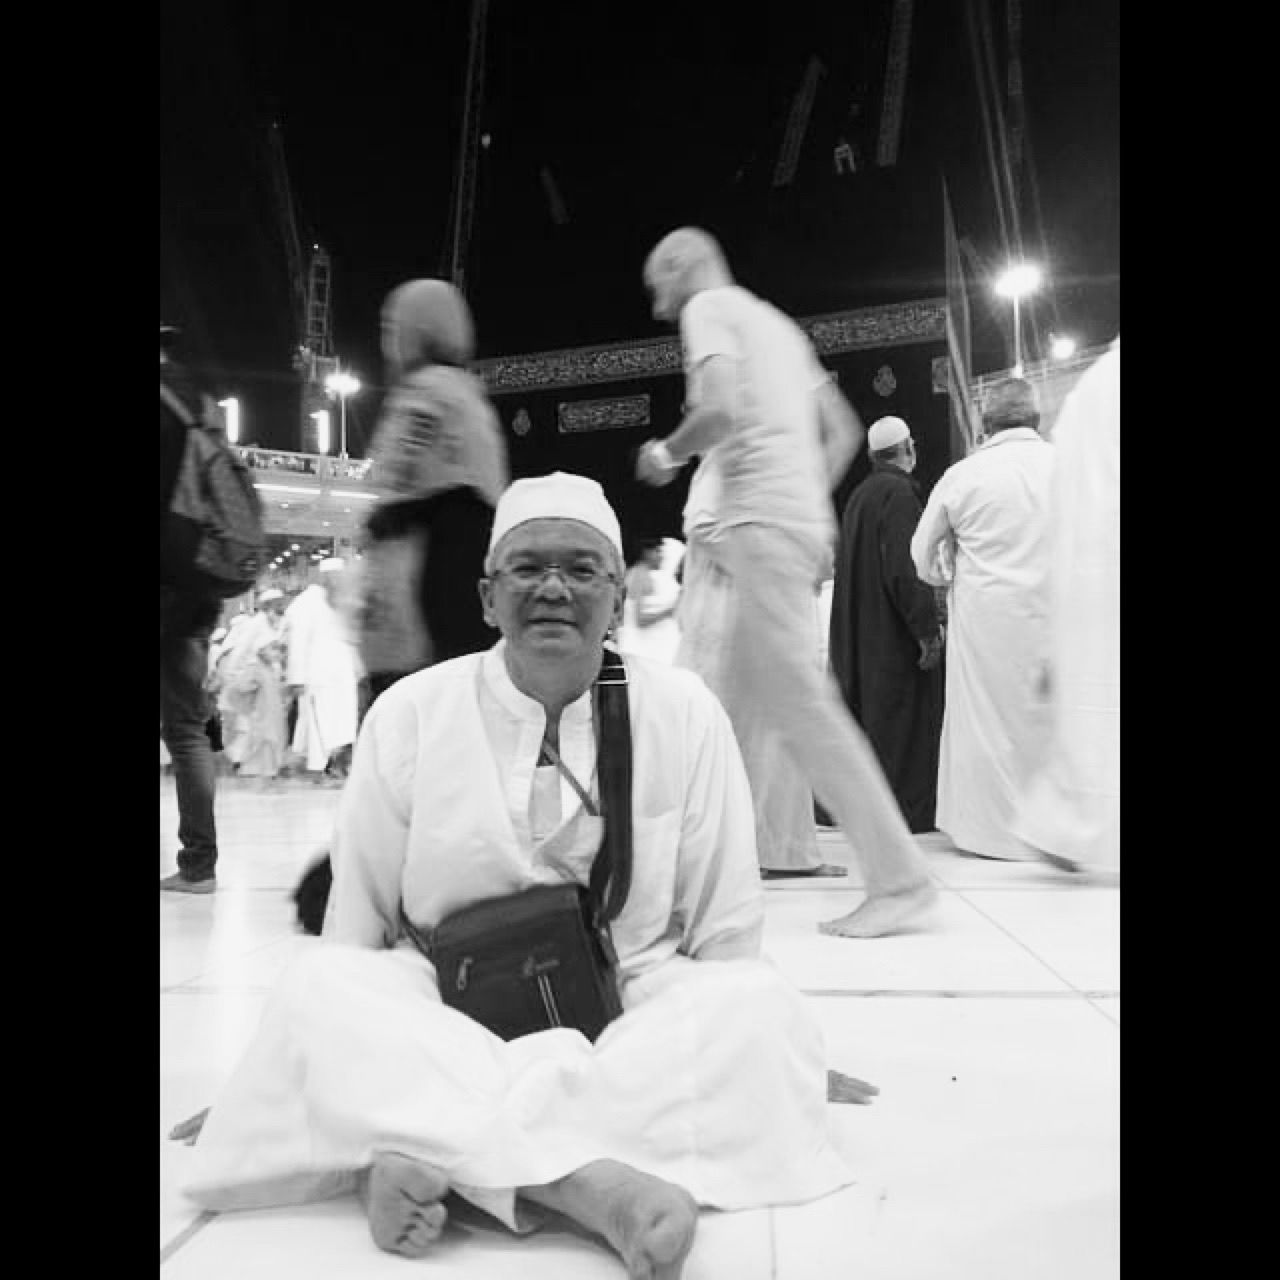 Raduwan Mohd Sharif tersenyum, duduk bersila, memakai beg sandang dengan latar belakang Kaabah.